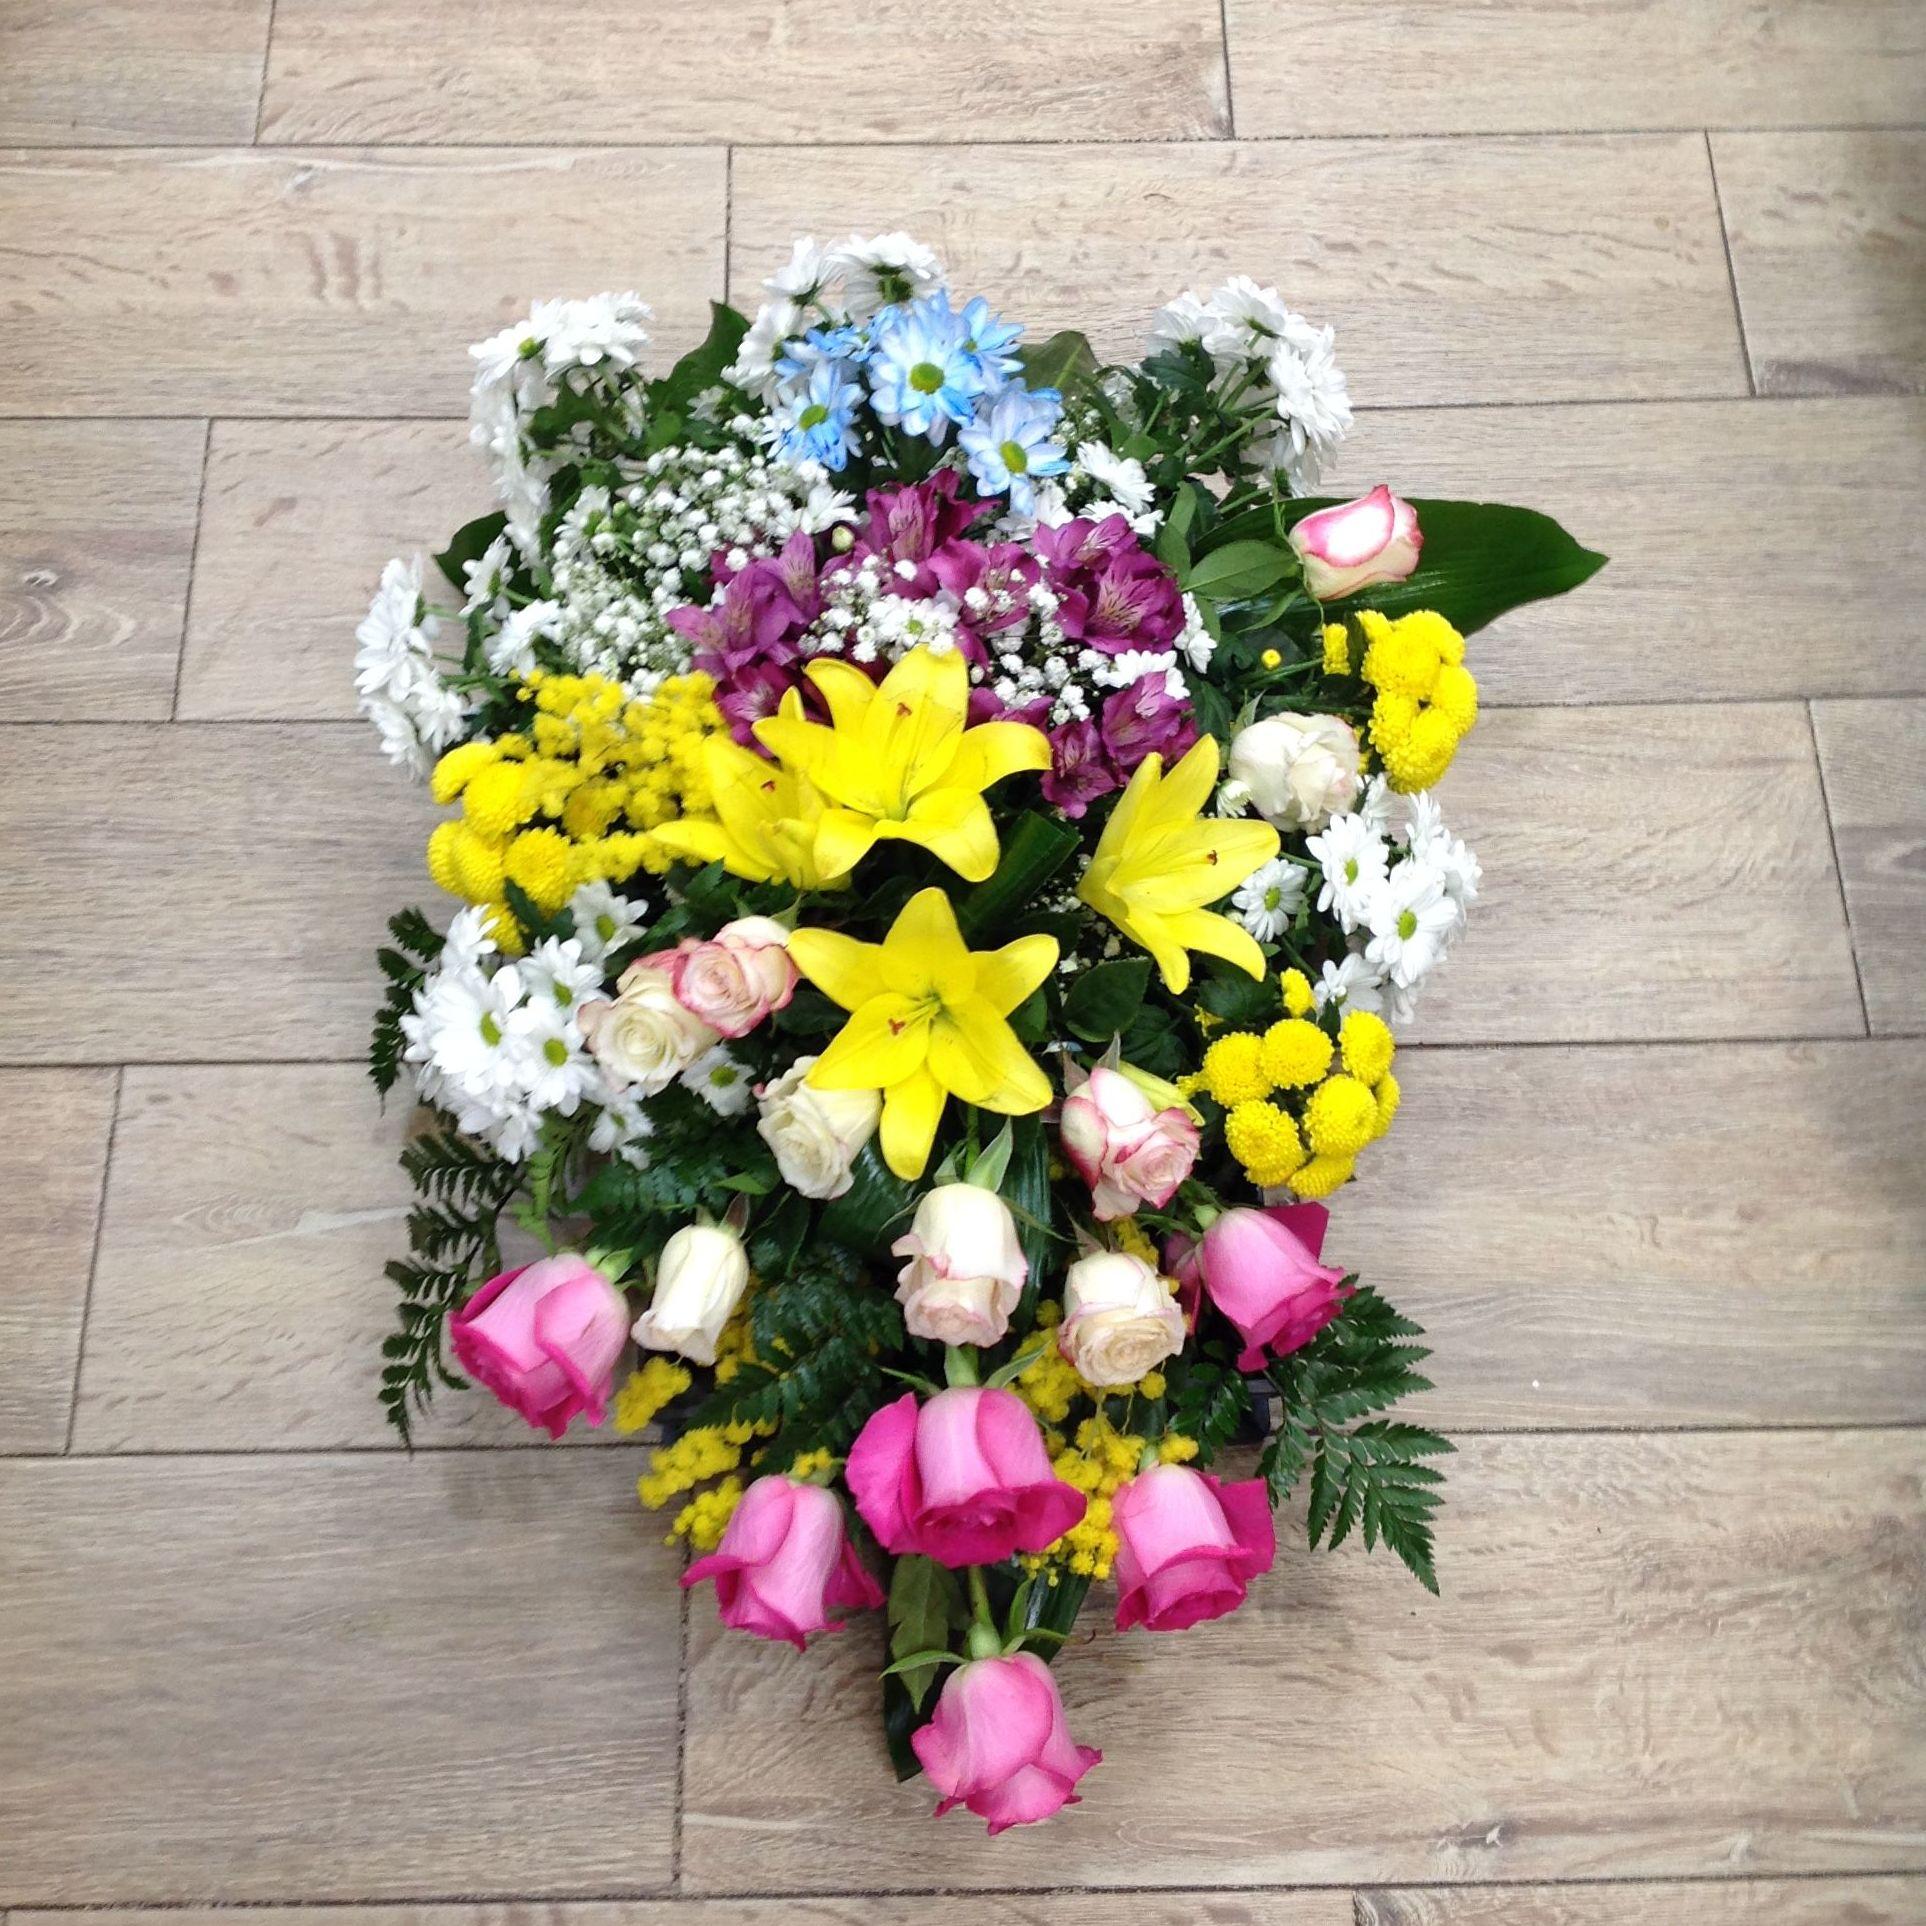 Centro de flor:  de Floristería Contreras